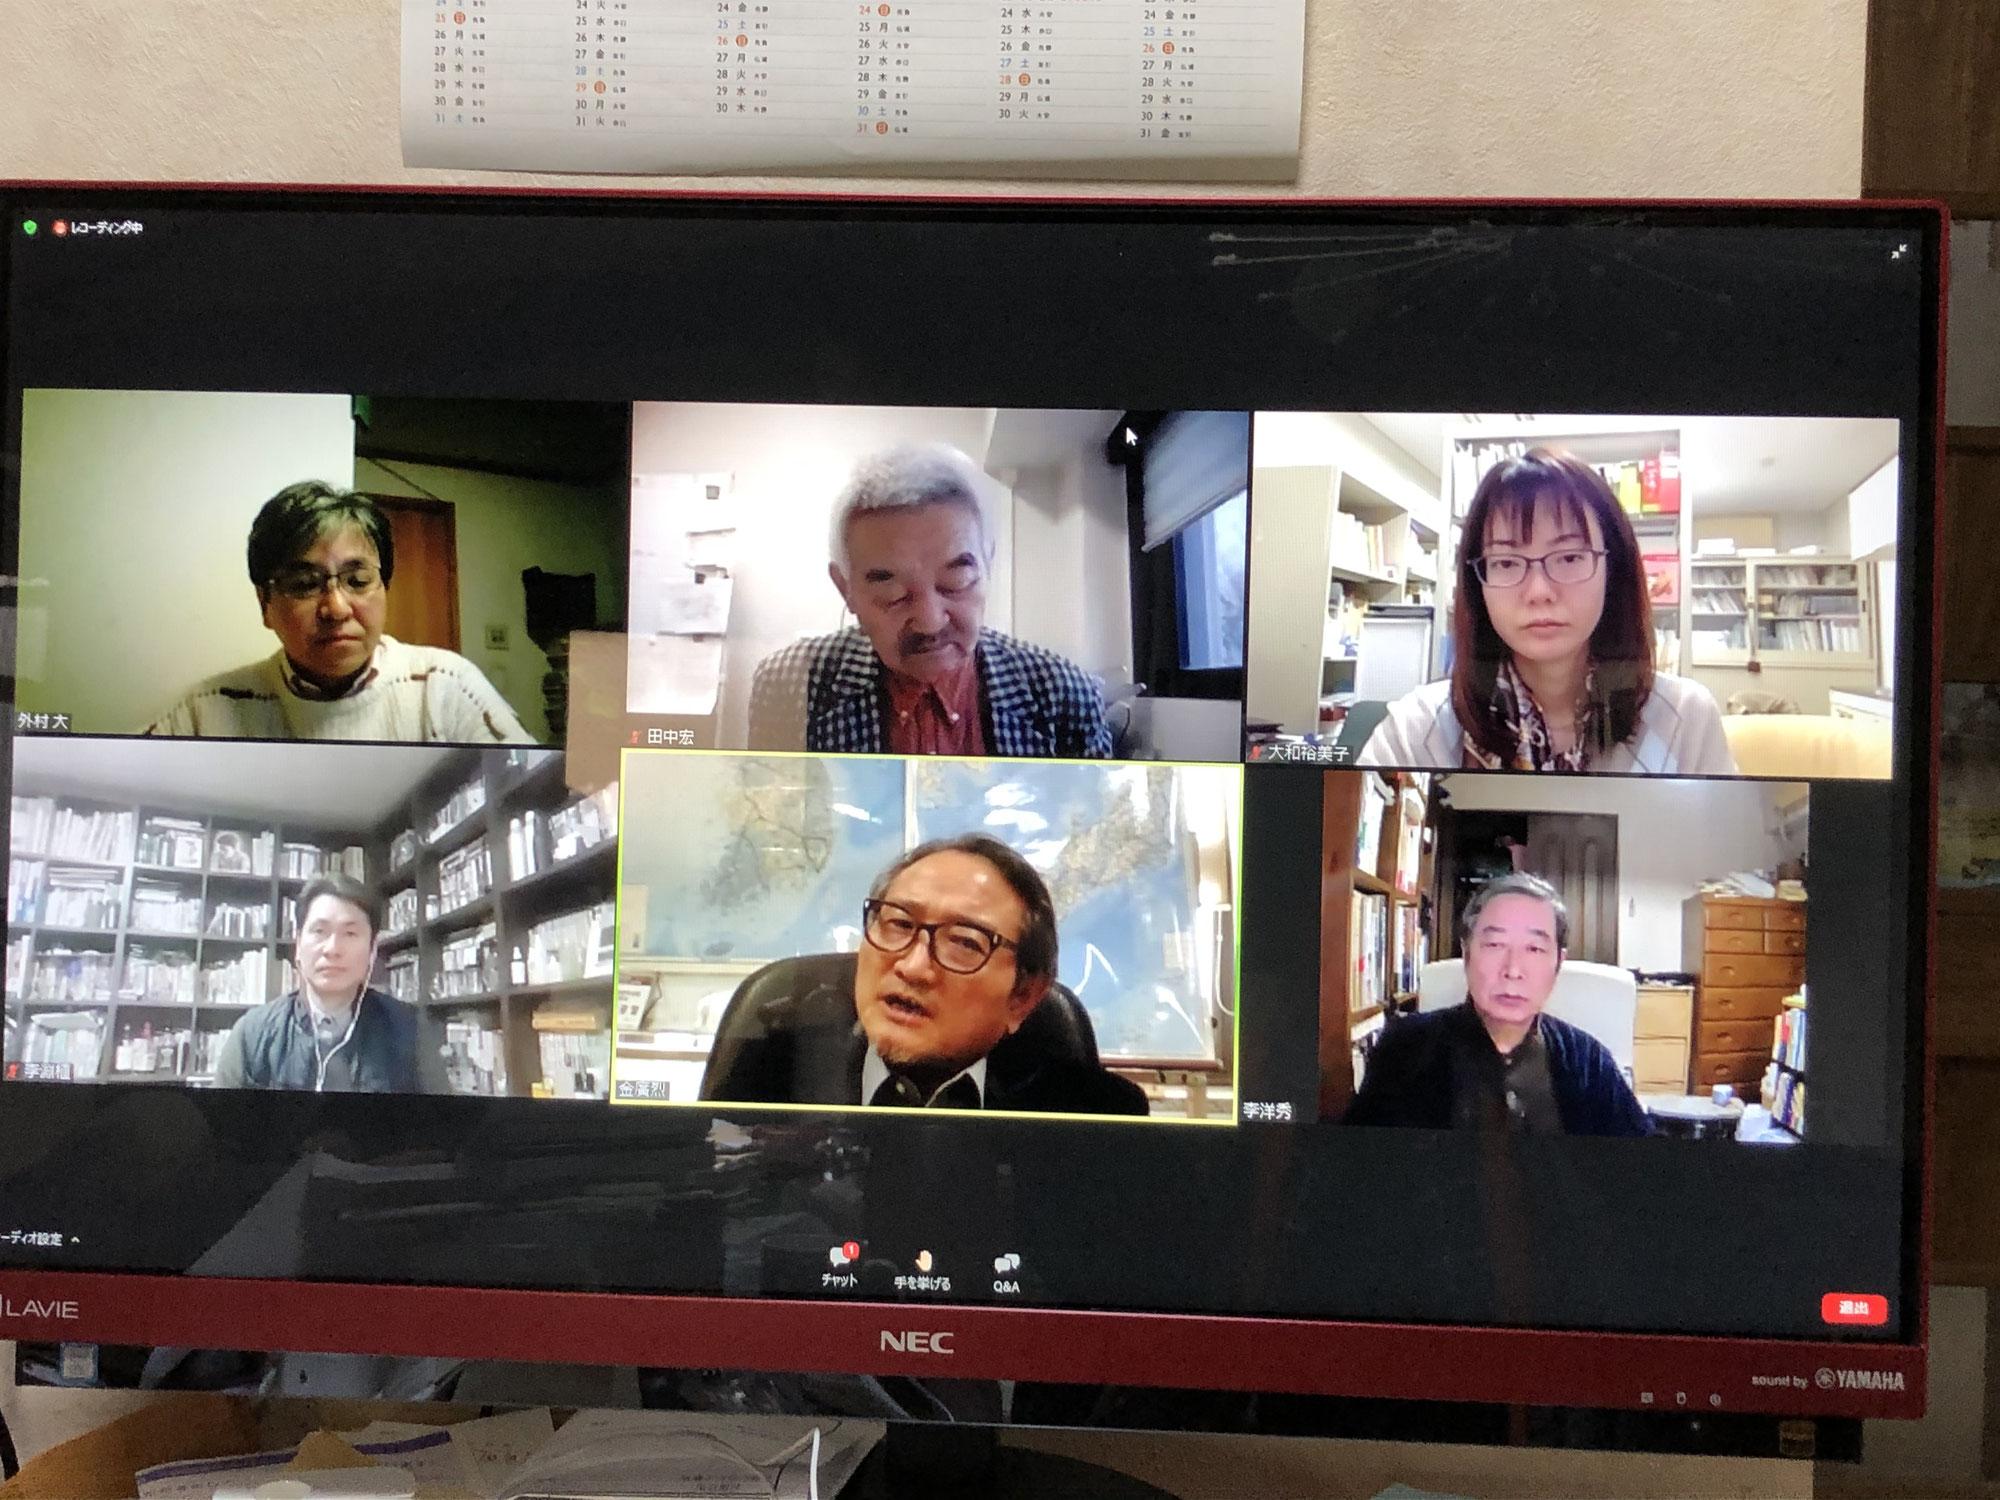 シンポジウム「戦後補償運動と日韓市民の連携を考える」 オンライン研究会